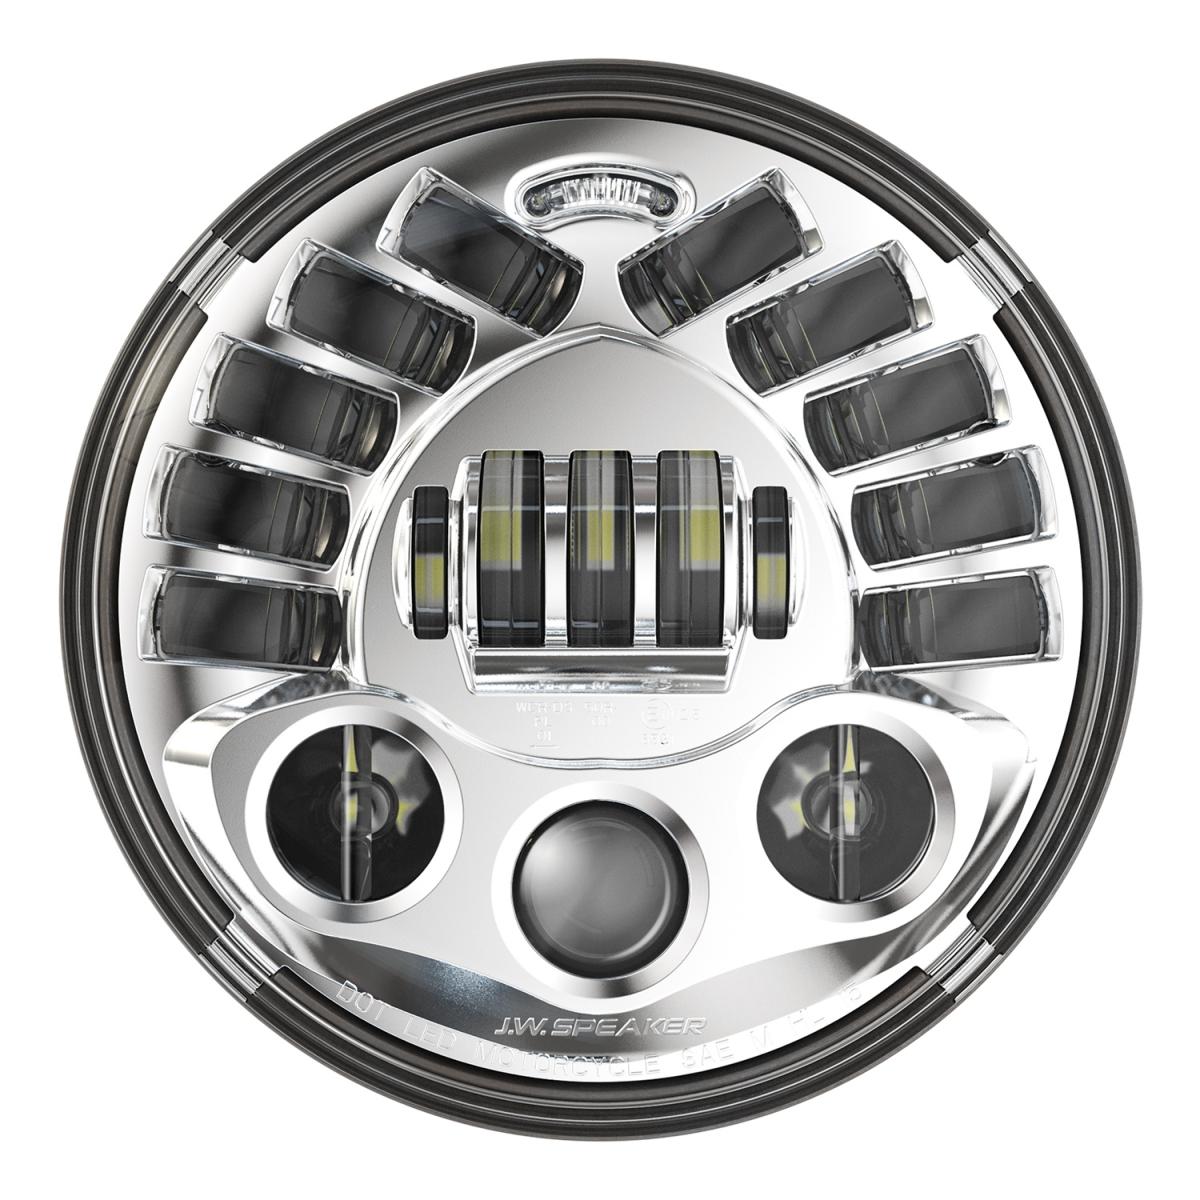 """J.W Speaker LED Framlampa 7"""" Model 8790, Krom"""